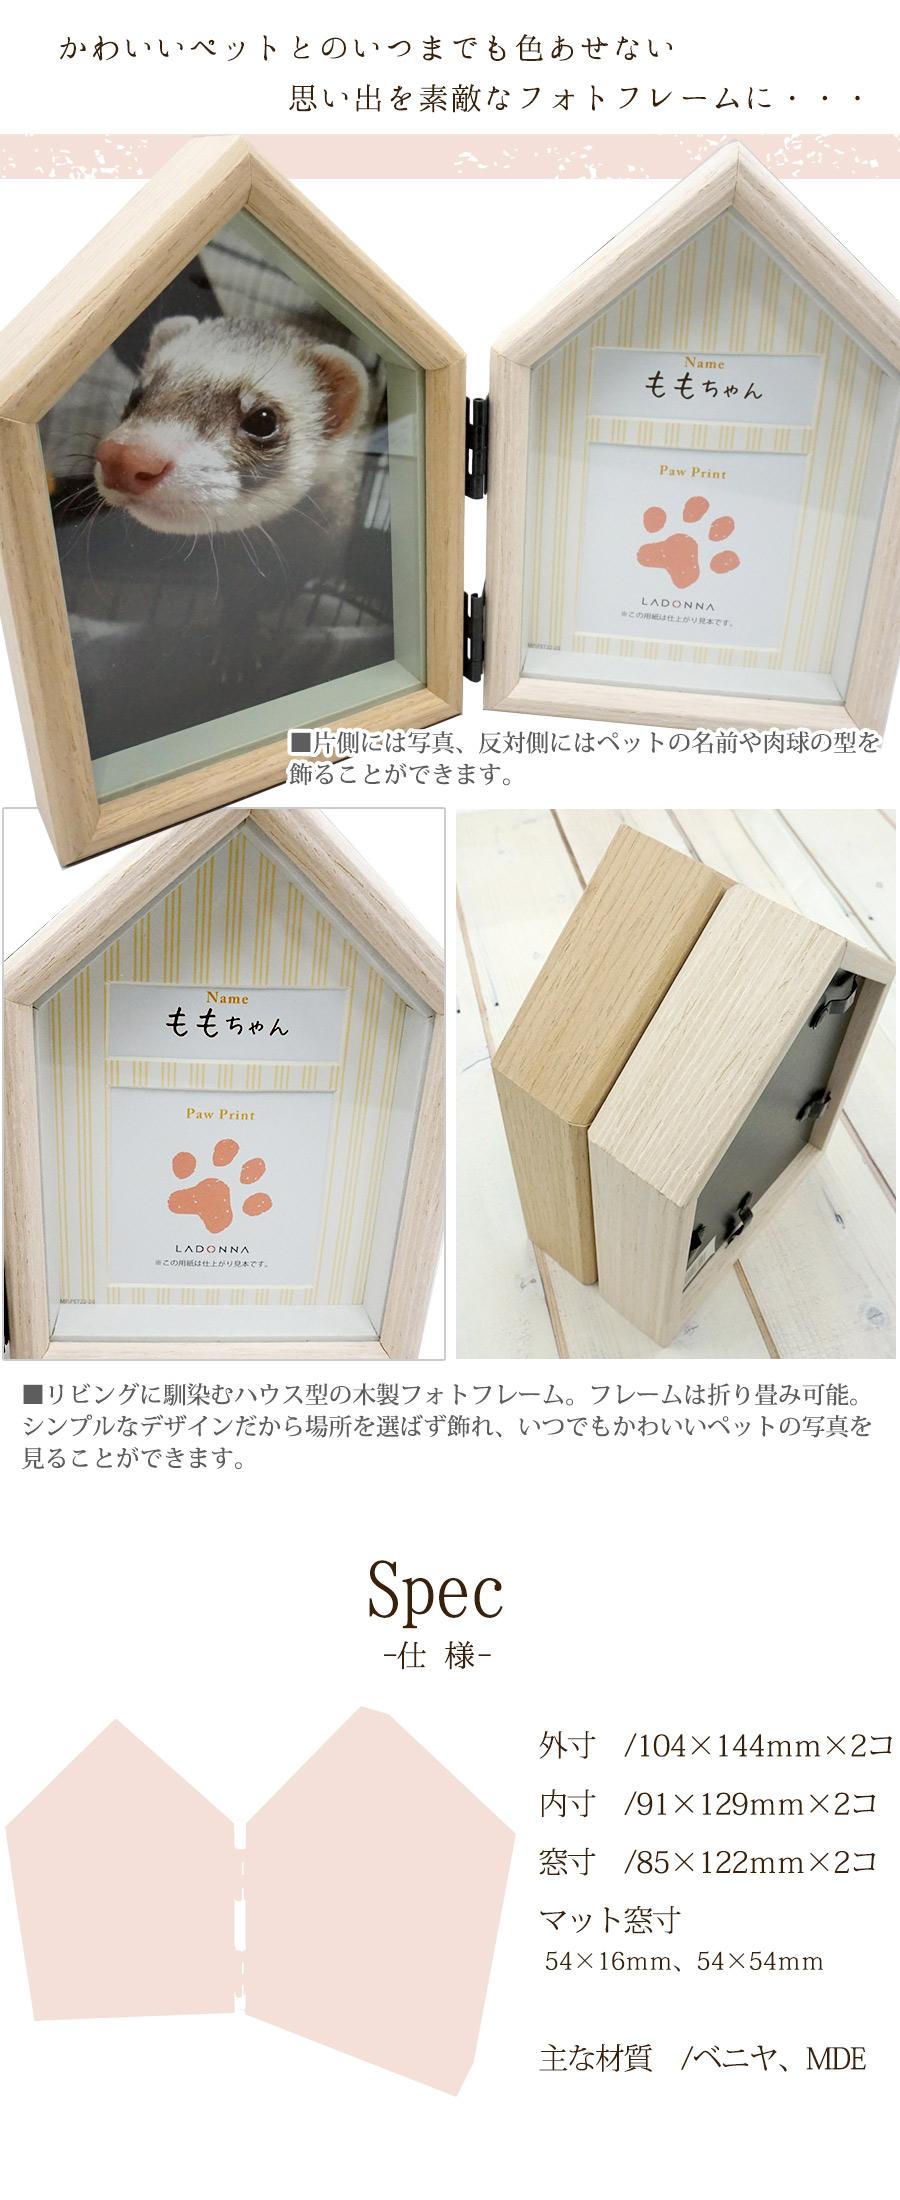 折り畳み可能なペットハウス型のシンプルなデザイン